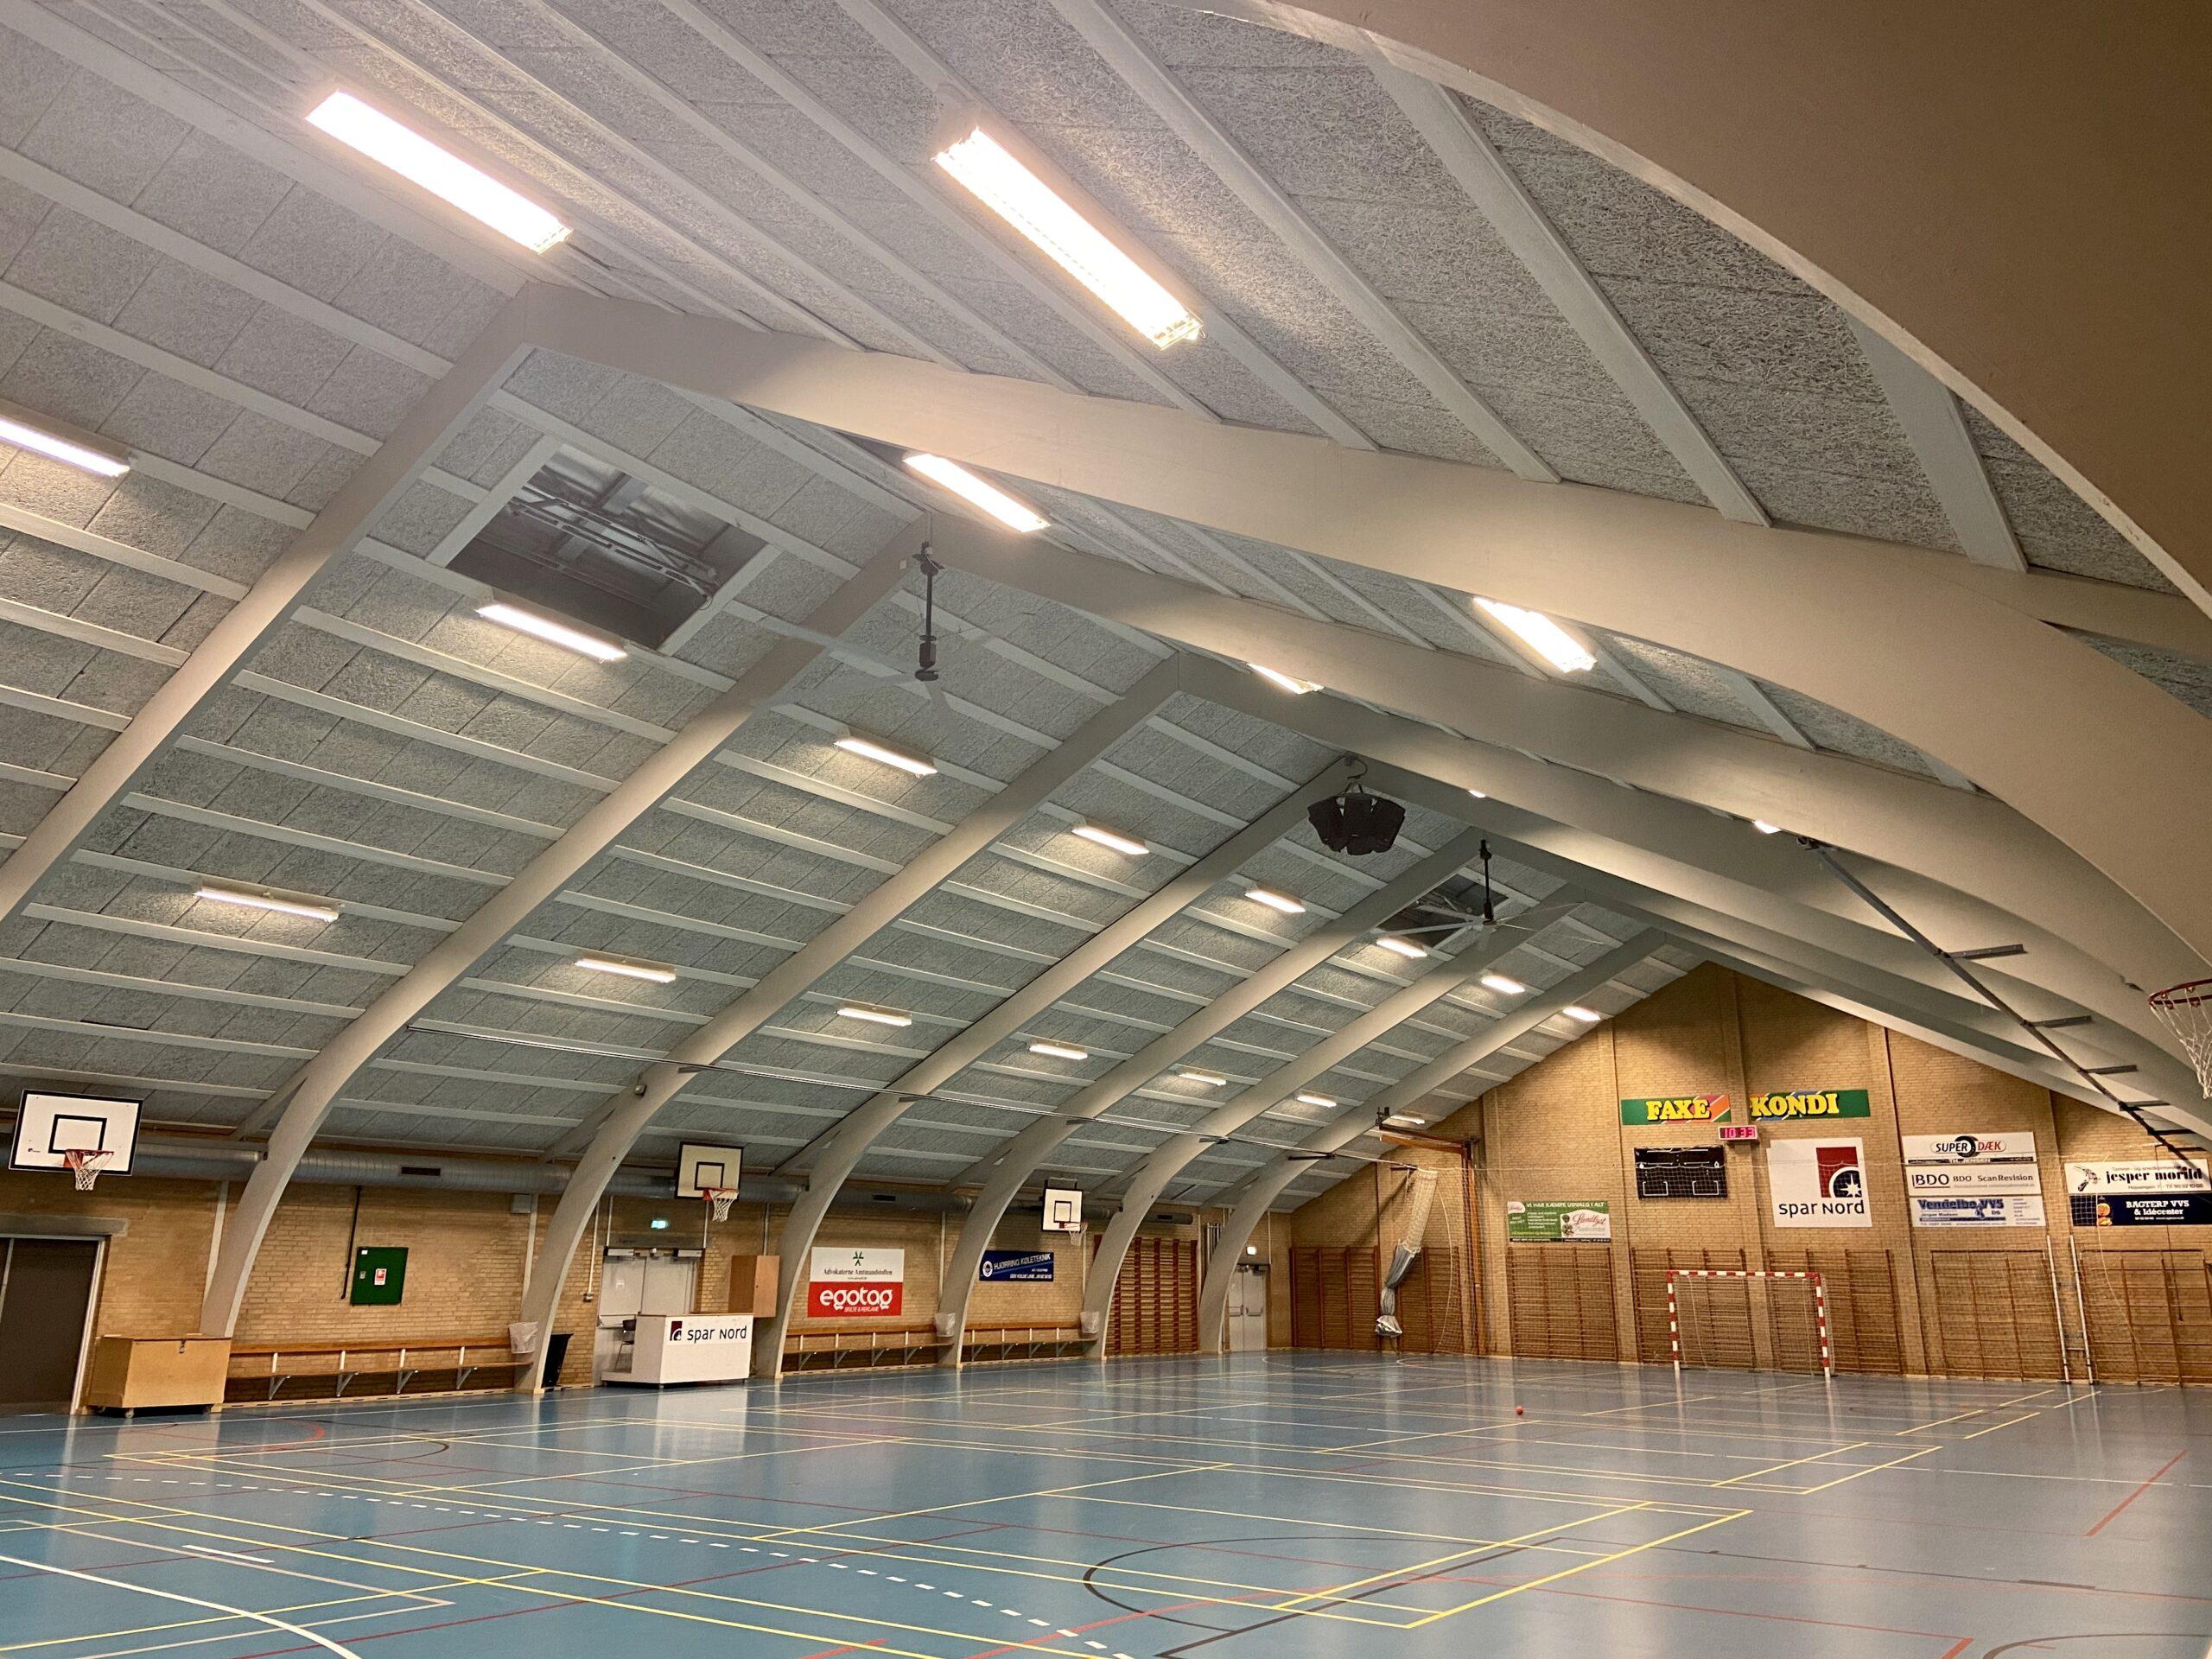 Bagterp Hallen, Hjørring Kommune HVLS ventilator